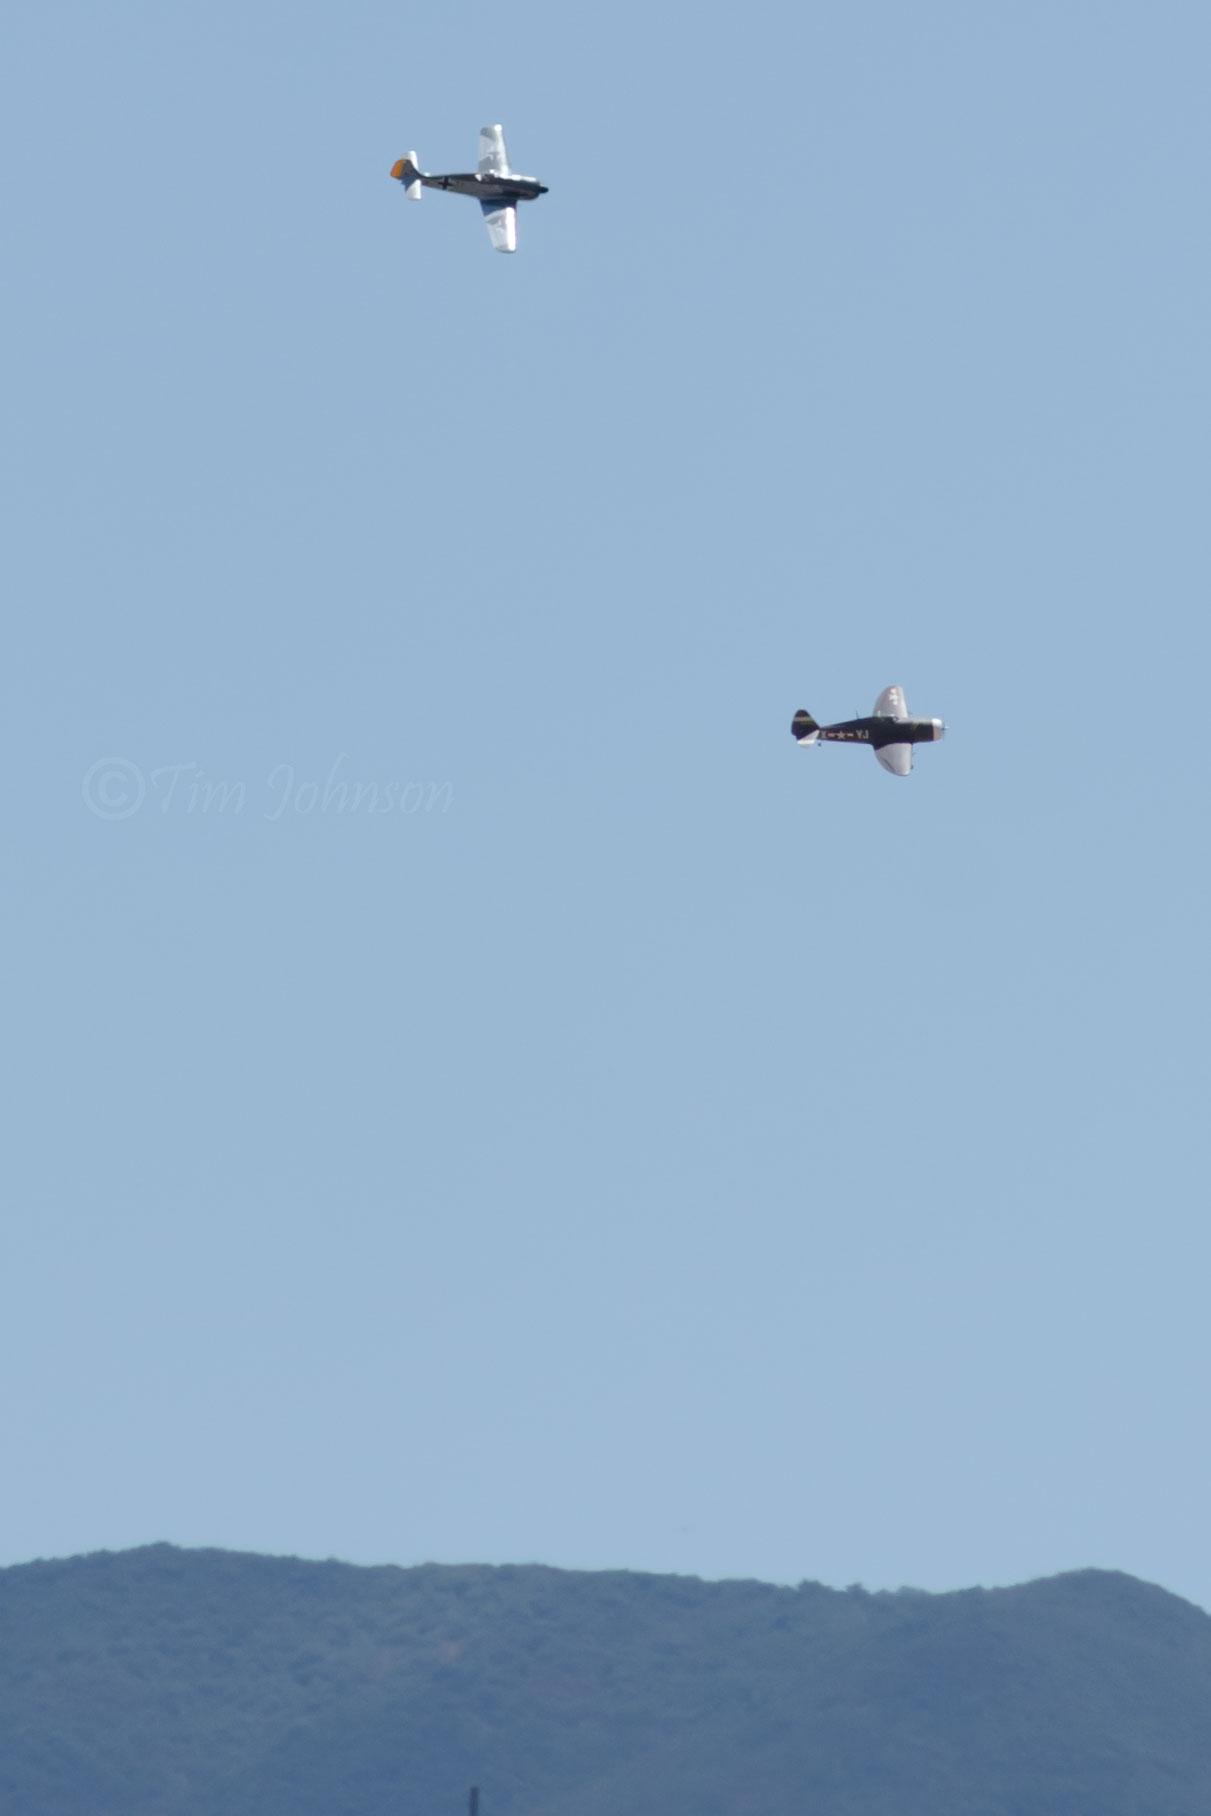 Click image for larger version  Name:Frank-FW-vs-P-47_TAJ6592.jpg Views:76 Size:49.1 KB ID:2012725